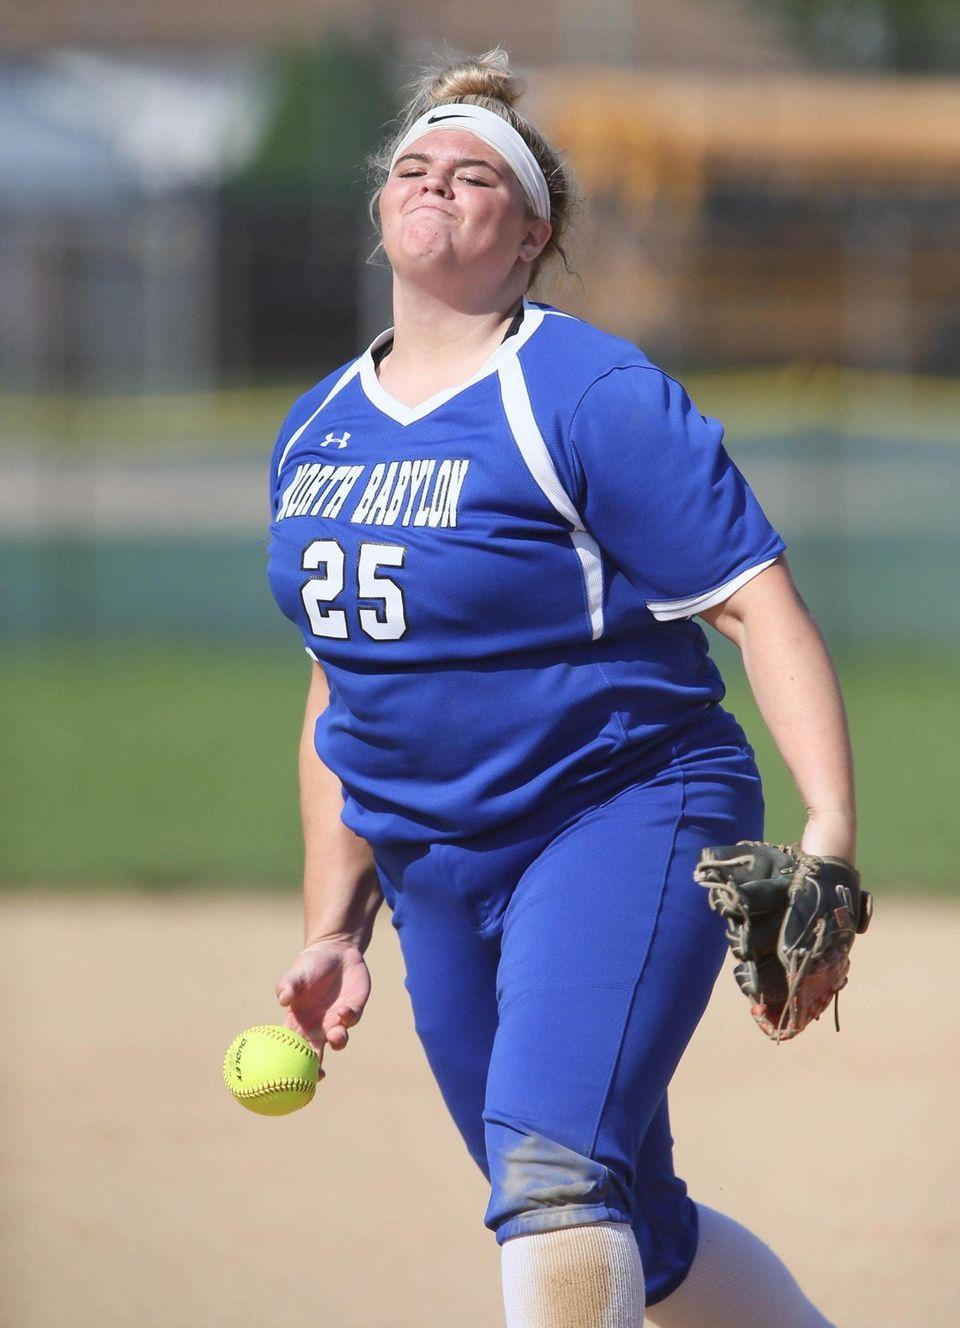 North Babylon Pitcher Ava Schorr throws a pitch